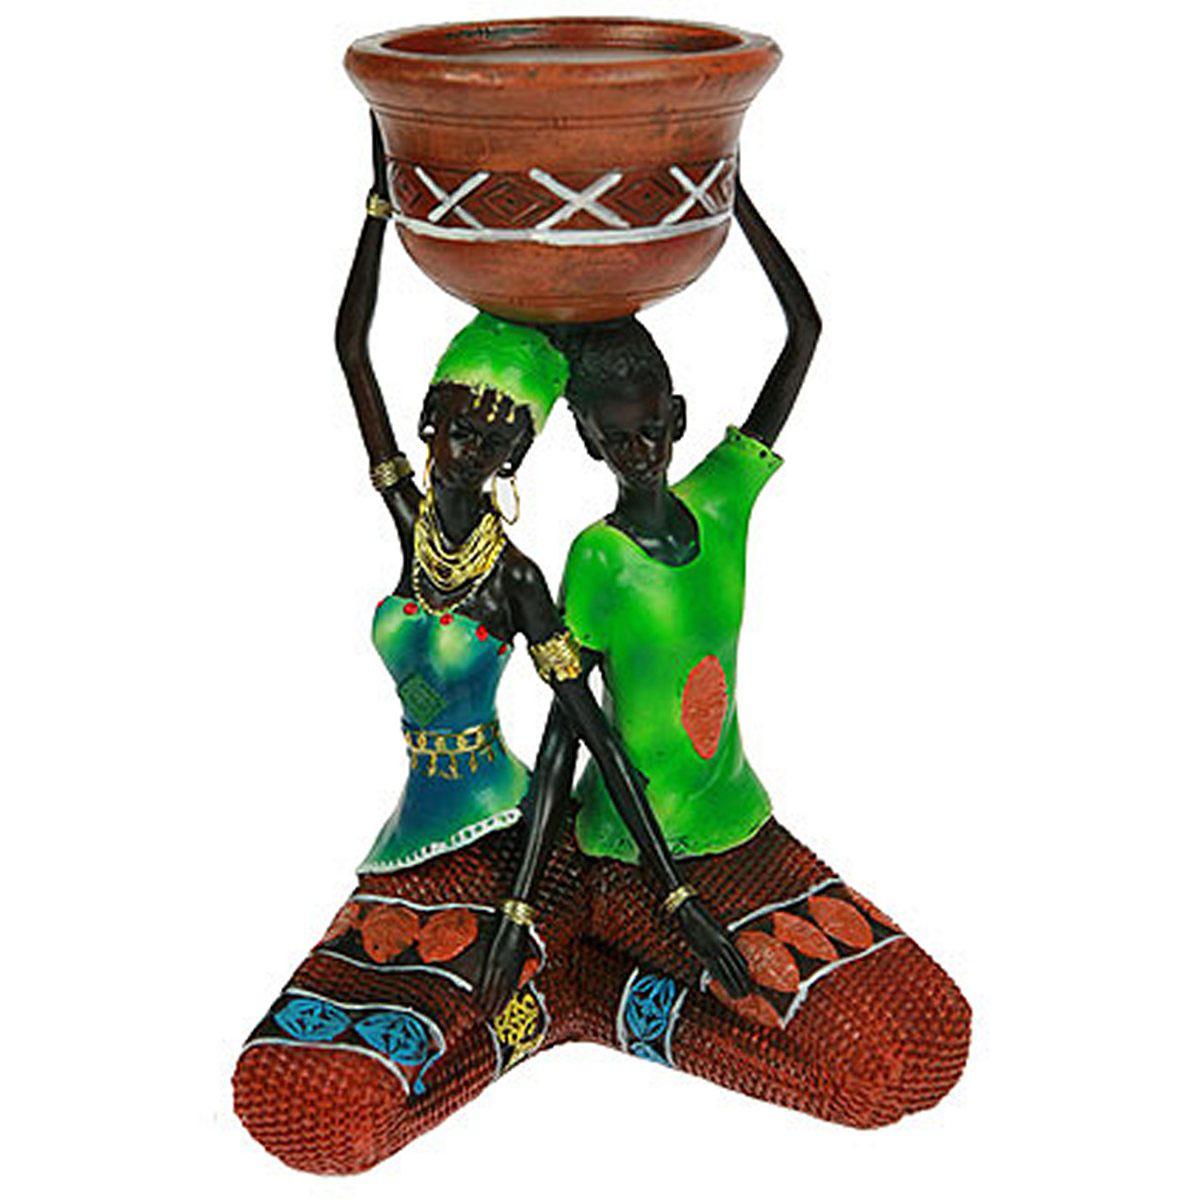 Статуэтка Русские Подарки Африканка, 16 х 12 х 23 см. 2612826128Статуэтка Русские Подарки Африканка, изготовленная из полистоуна, имеет изысканный внешний вид. Изделие станет прекрасным украшением интерьера гостиной, офиса или дома. Вы можете поставить статуэтку в любое место, где она будет удачно смотреться и радовать глаз. Правила ухода: регулярно вытирать пыль сухой, мягкой тканью.